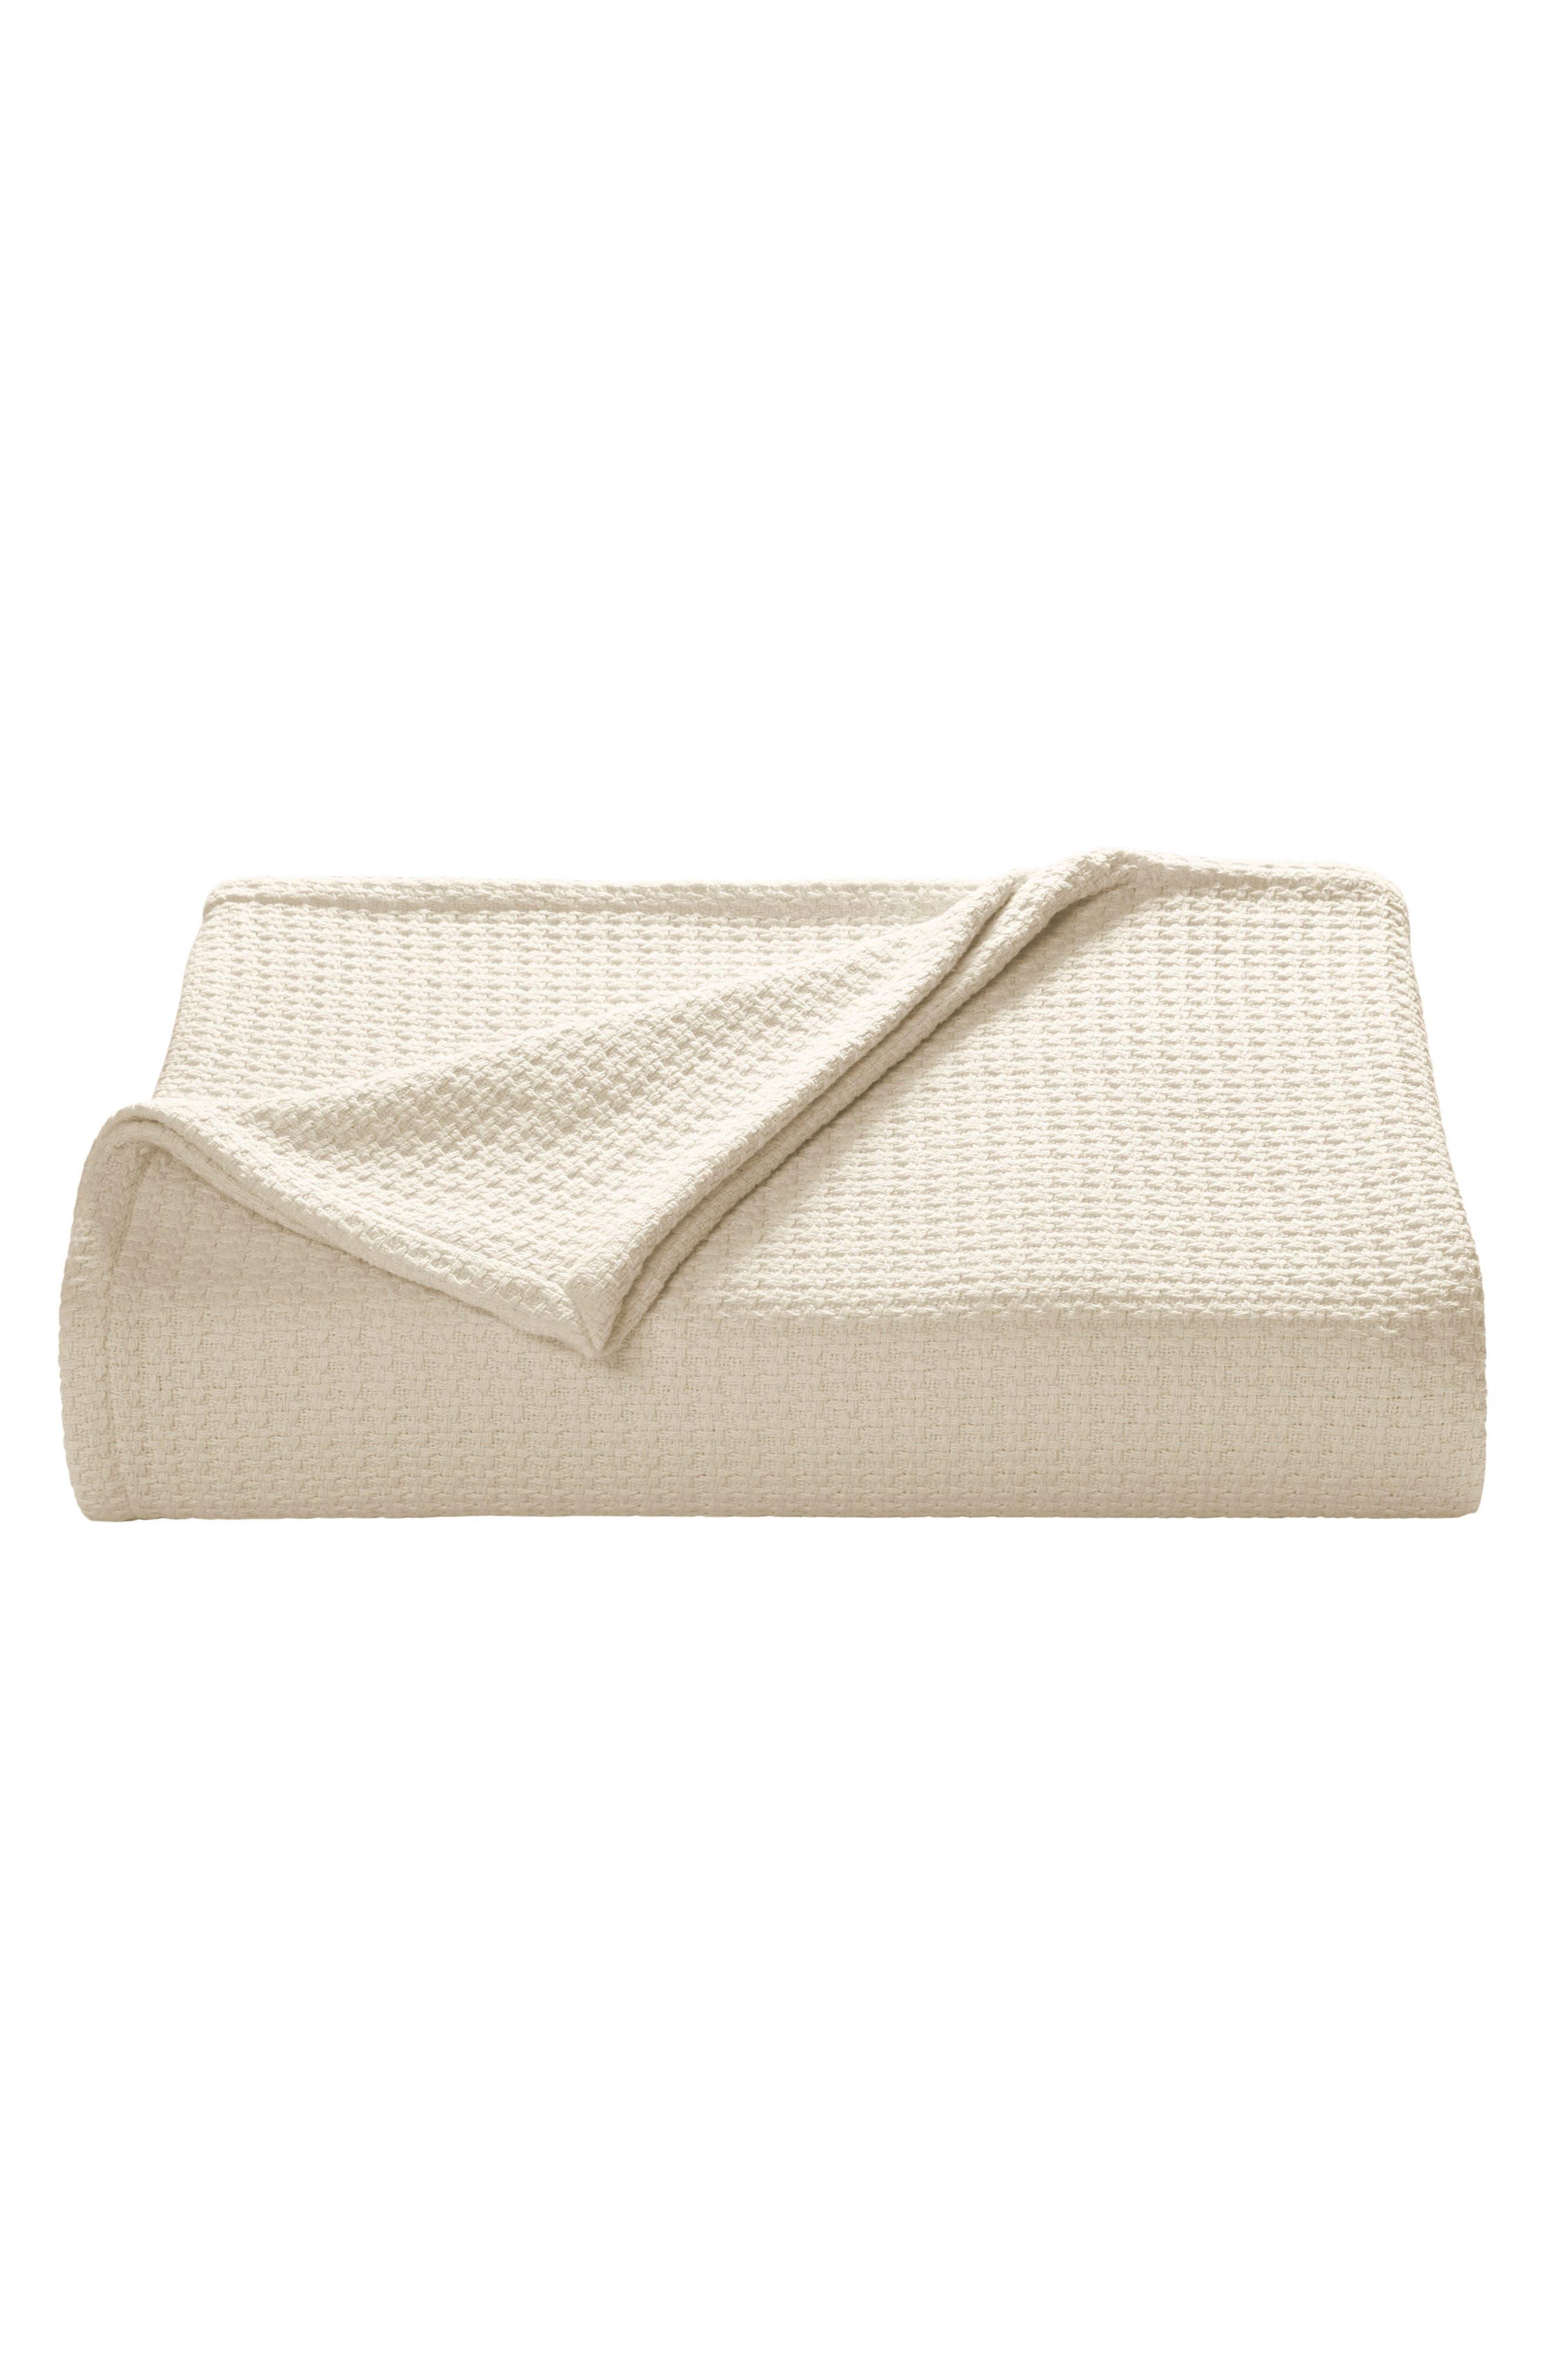 Alternate Image 1 Selected - Tommy Bahama Bahama Coast Cotton Blanket